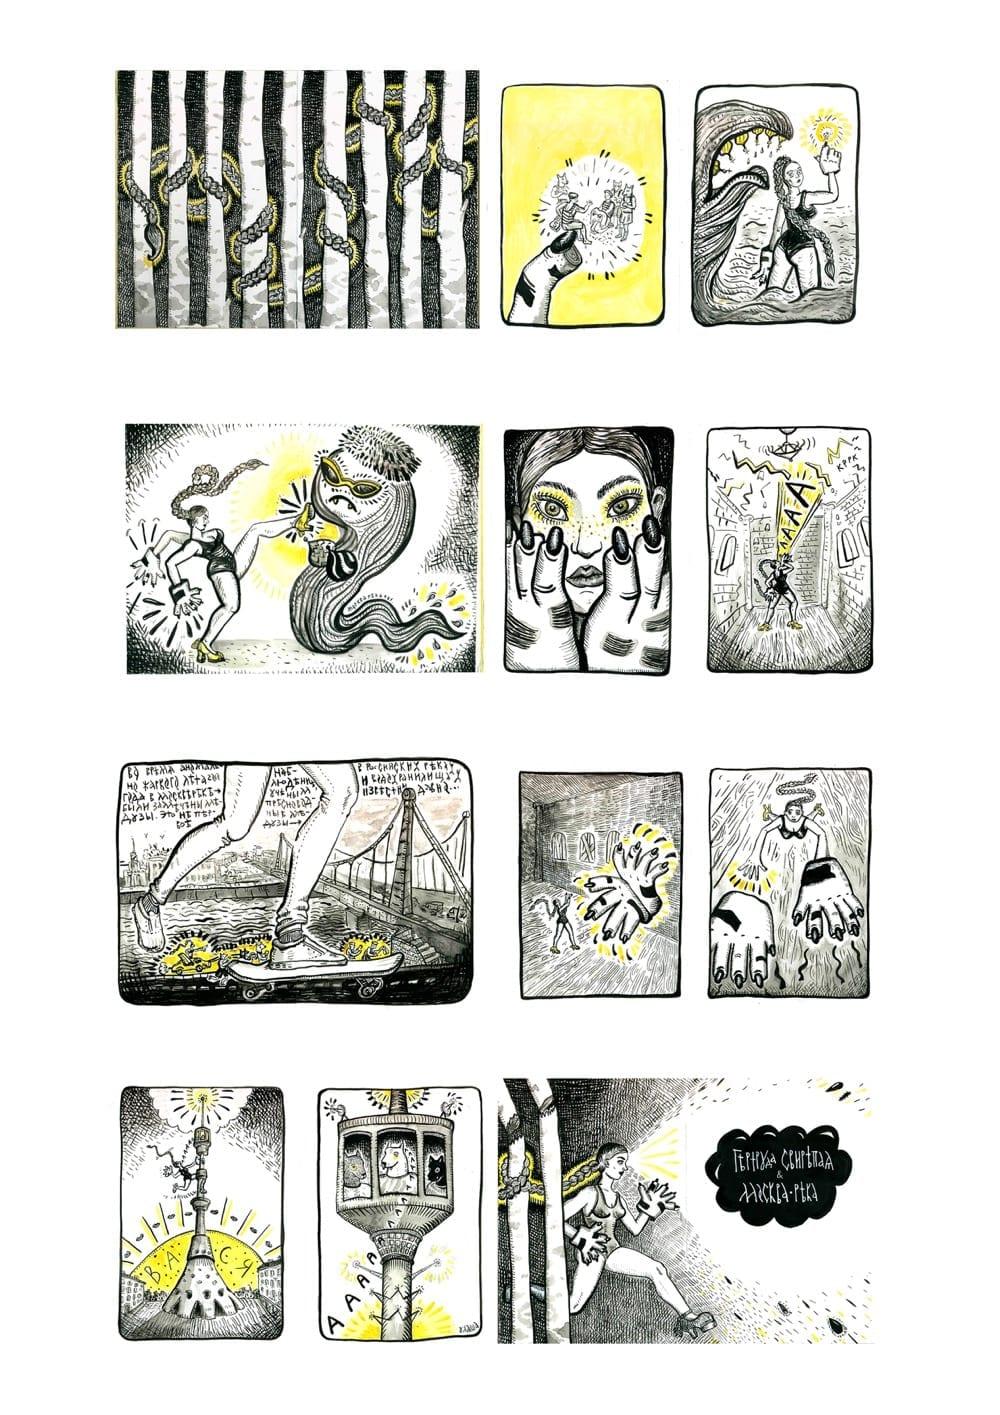 Ульяна Подкорытова. Графика для проекта Single copy, инициированного библиотекой музея «Гараж». 2017